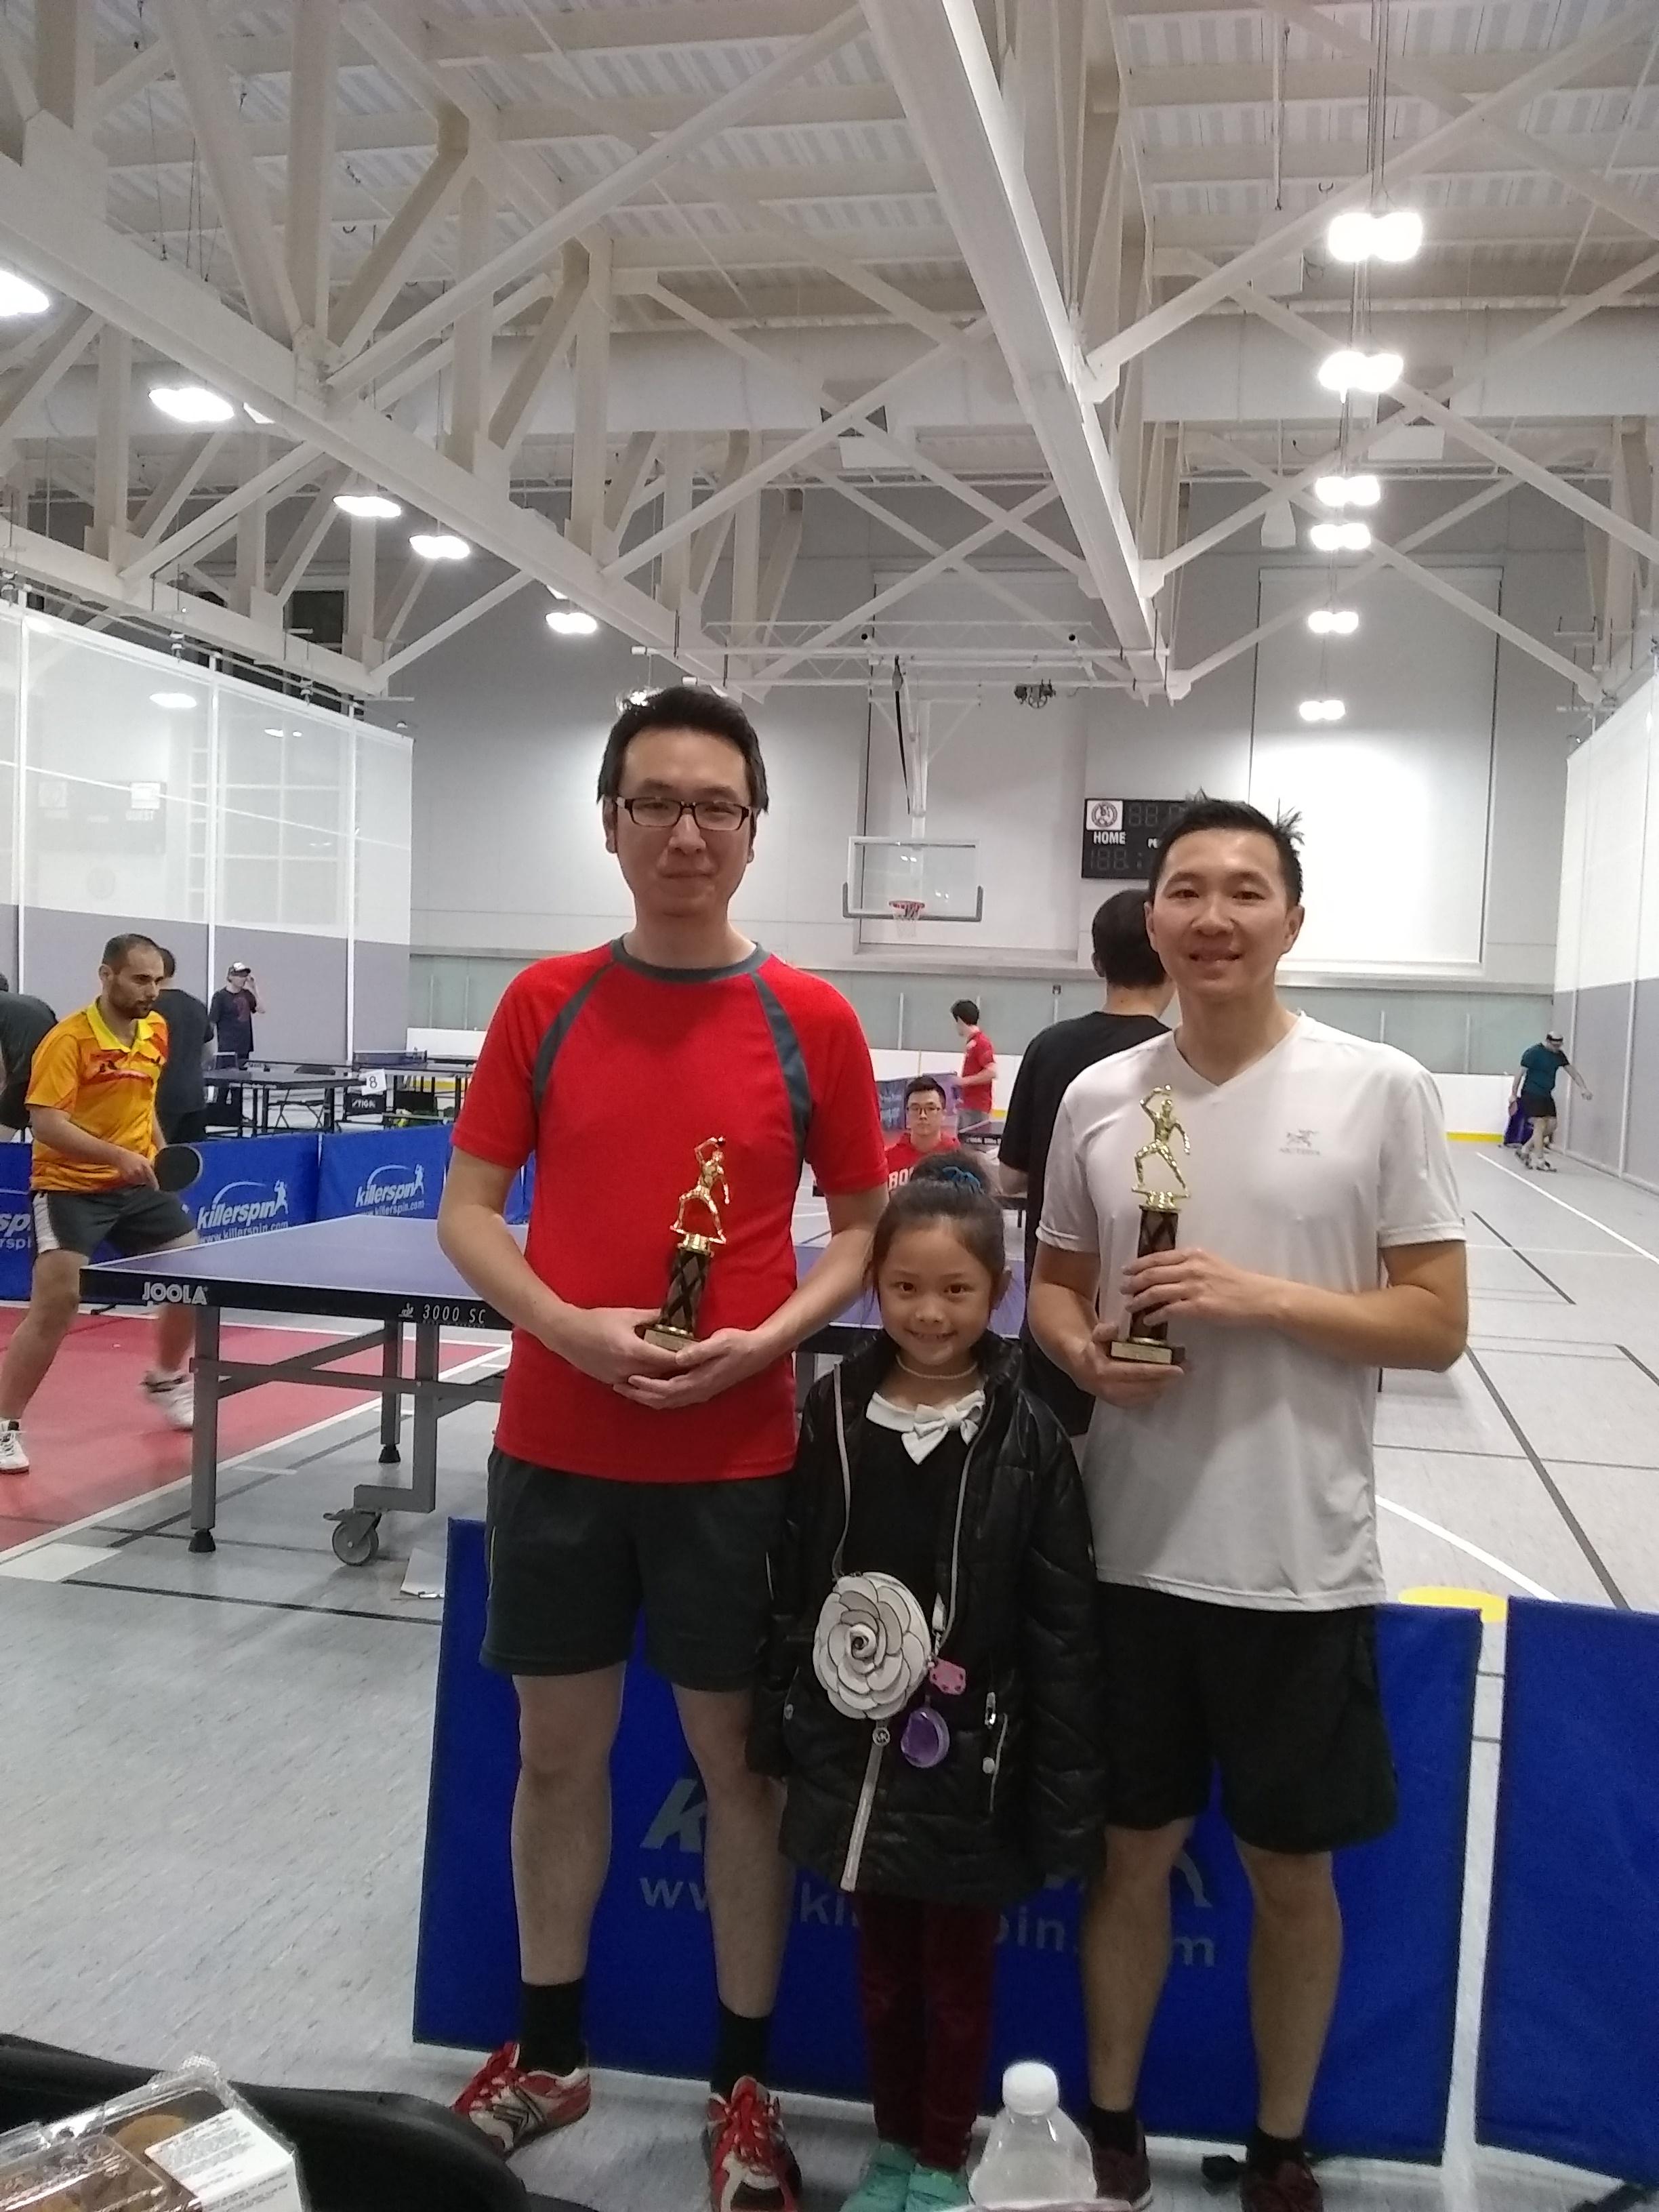 U1200 Champion and Runner-up